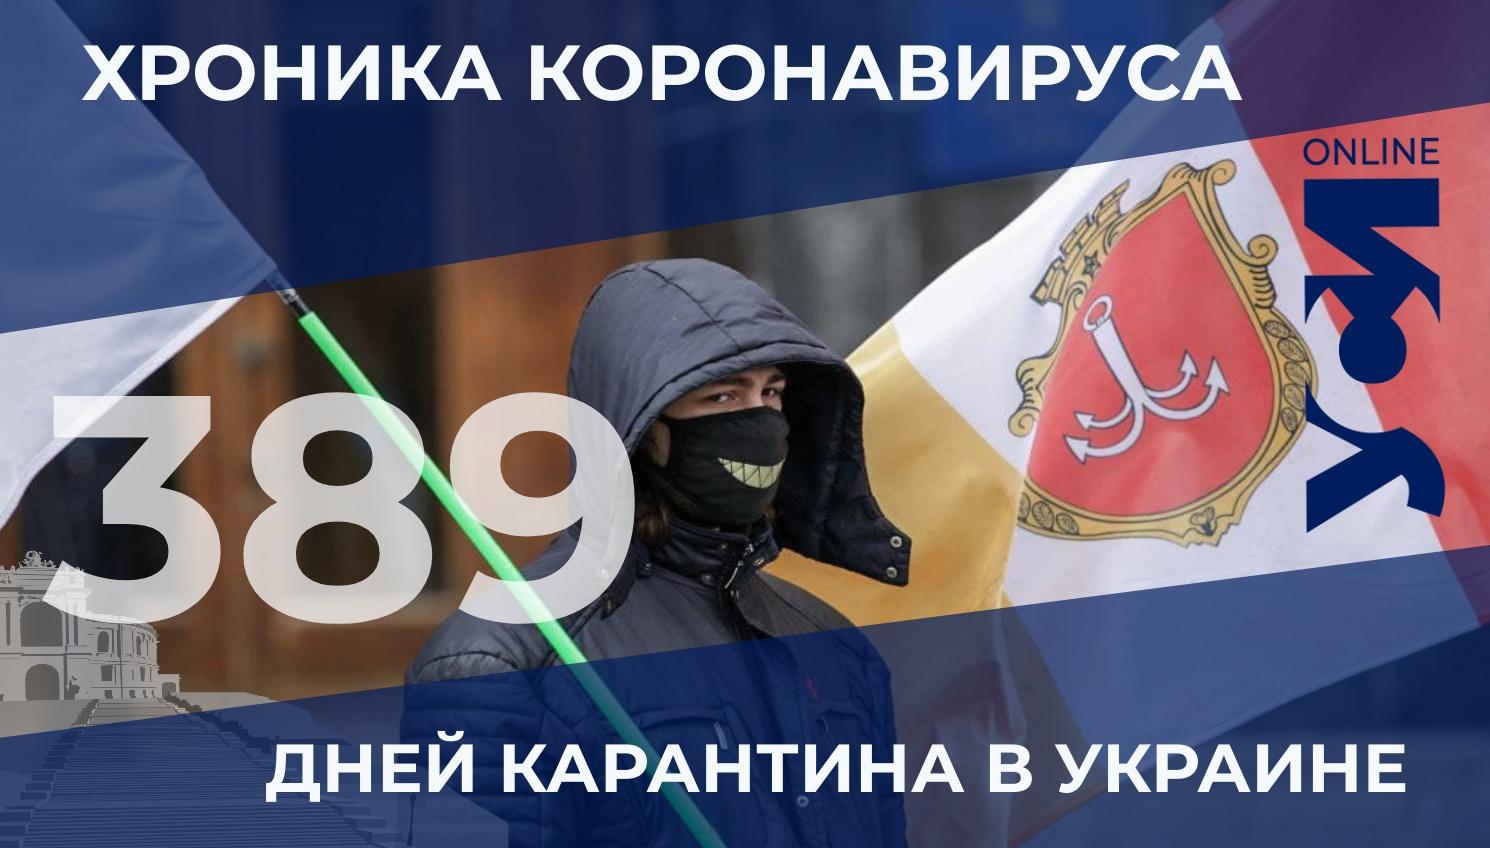 Хроника коронавируса: за сутки более тысячи заболевших в Одесской области «фото»